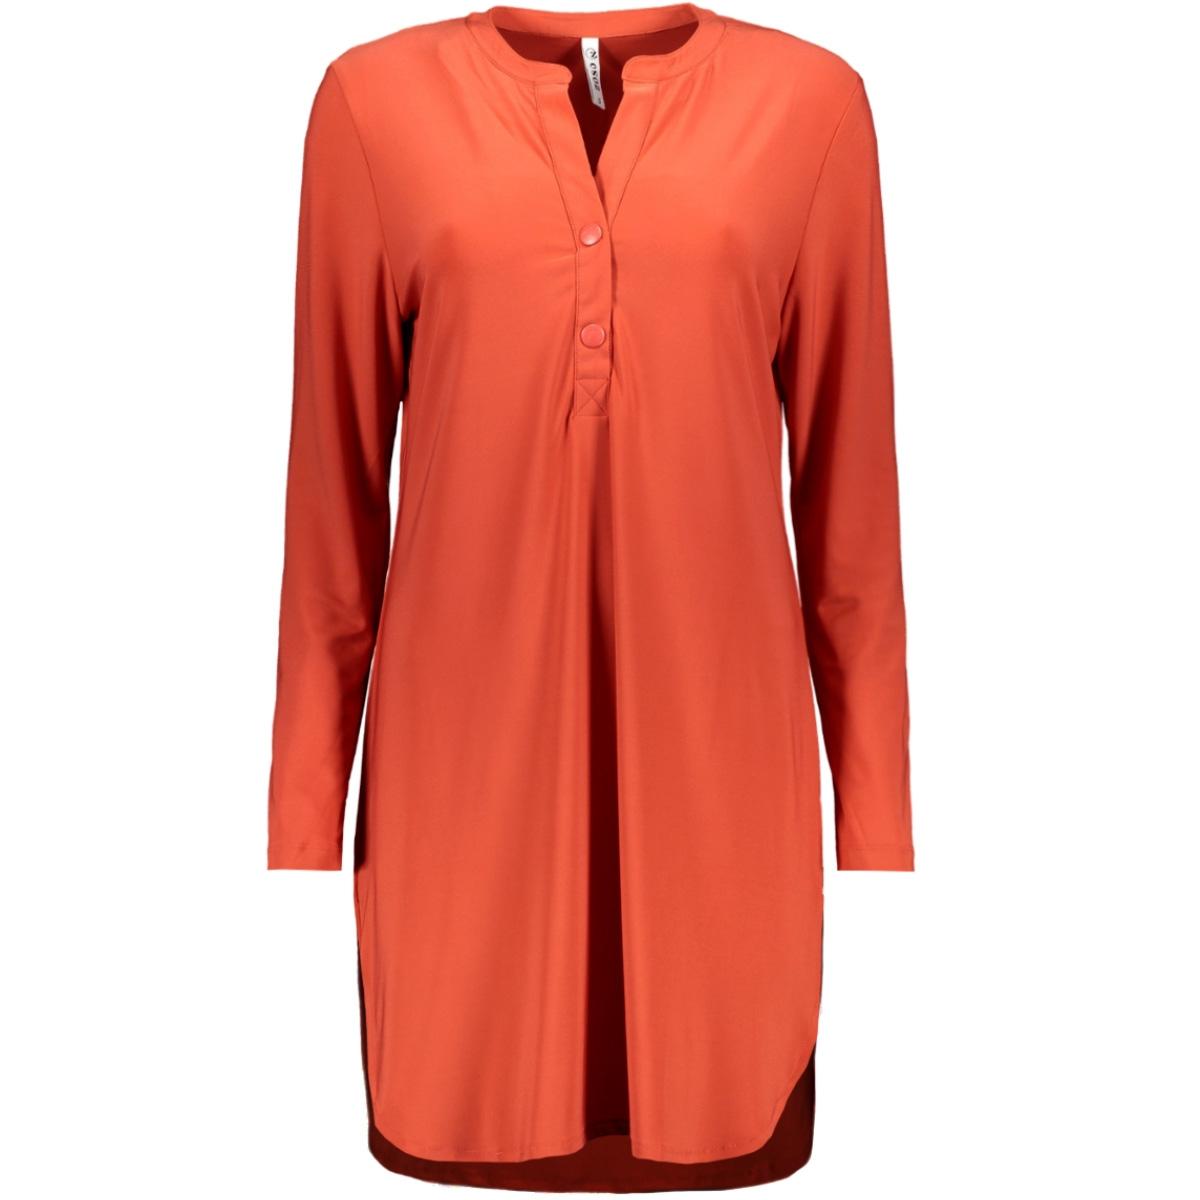 swift splendour tunic 201 zoso jurk 0072 desert red